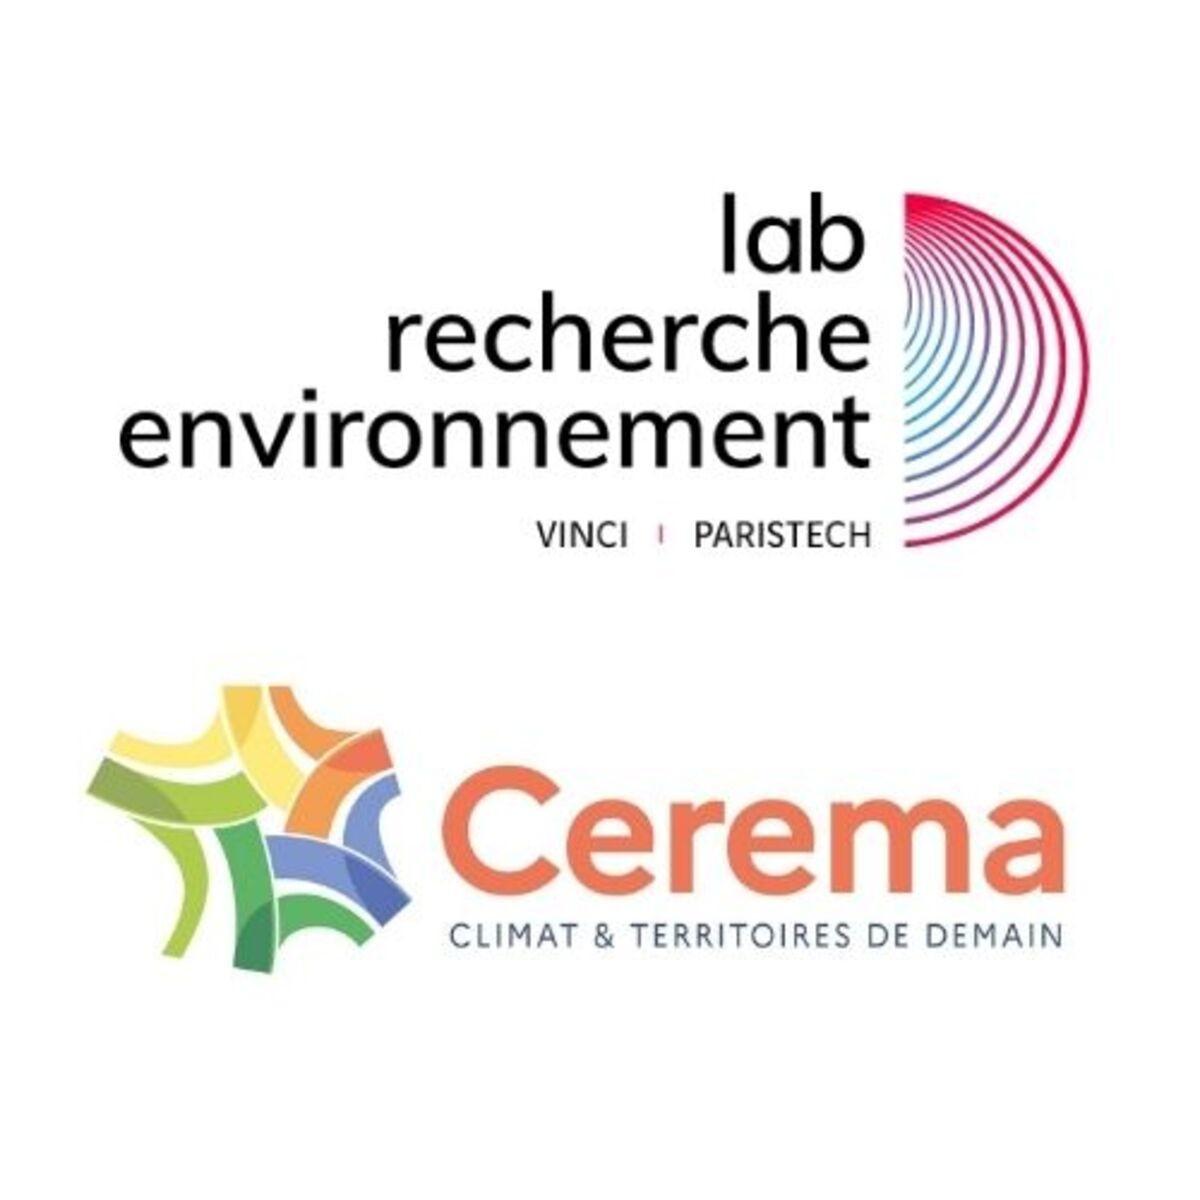 lab recherche environnement VINCI ParisTech/ Cerema